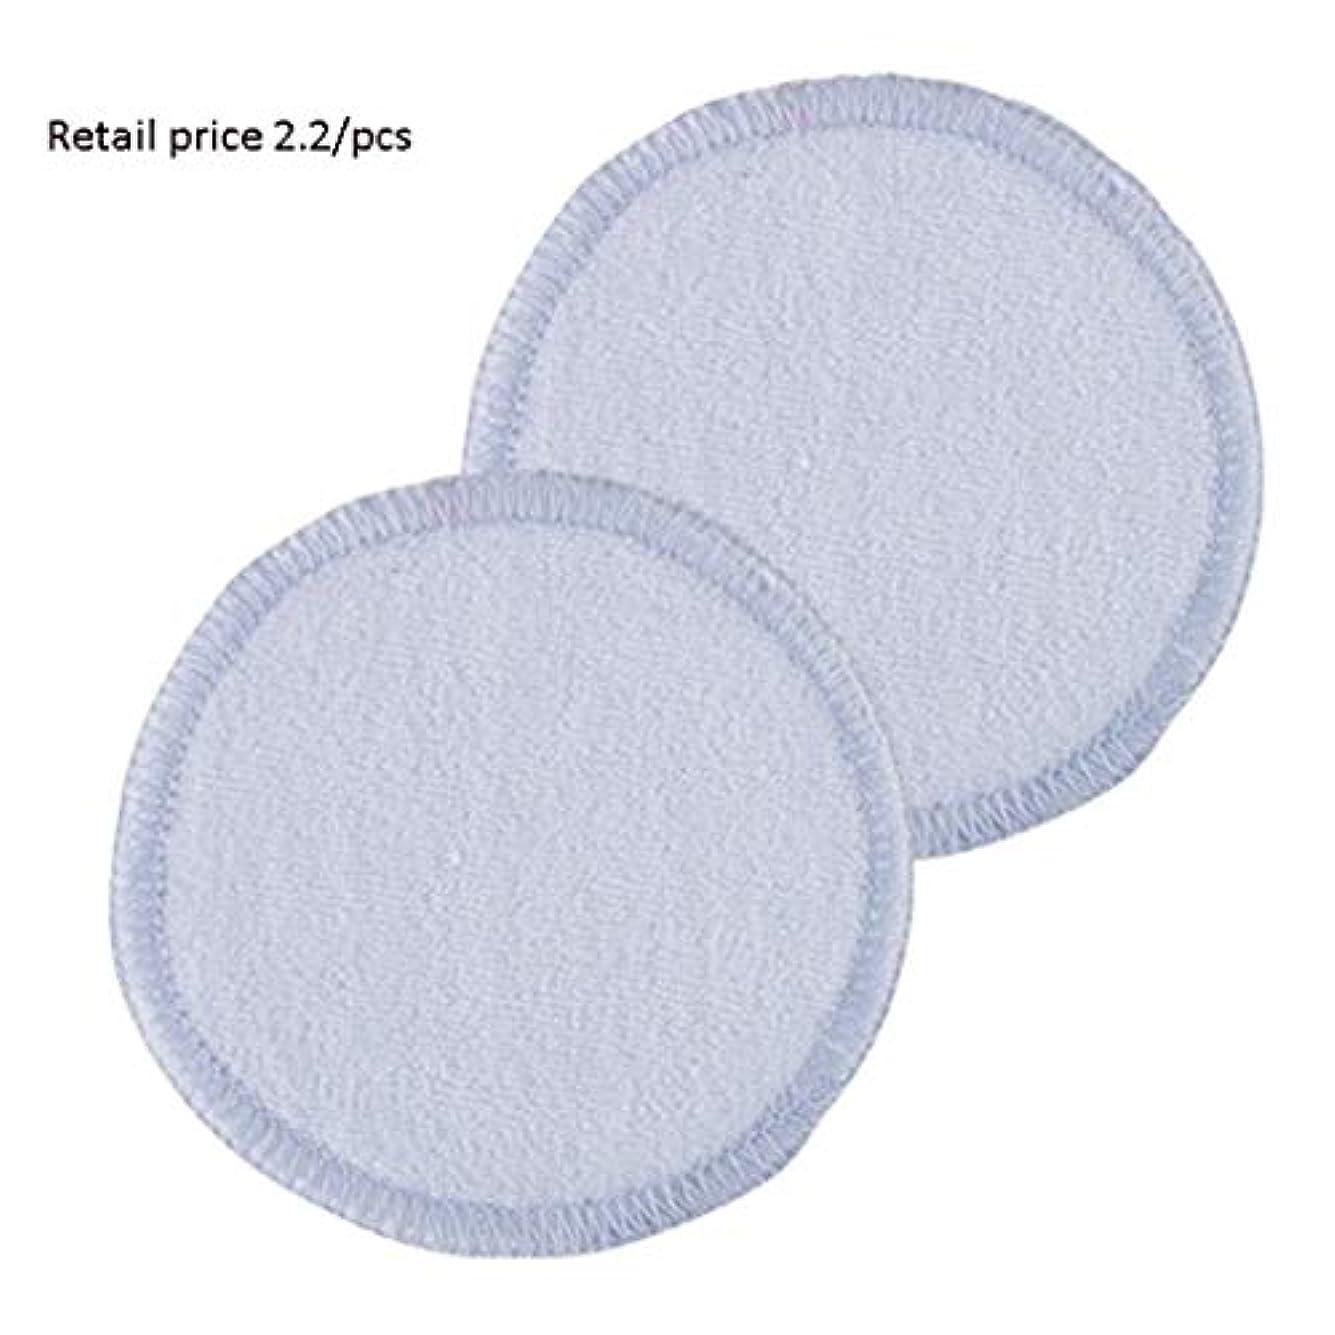 進化する囚人側面クレンジングシート 再利用可能な洗える8センチラウンドクレンジングコットンパッド、収納バッグ付き4色、ランドリー製品用スキンケア製品 (Color : Blue, サイズ : 8cm)